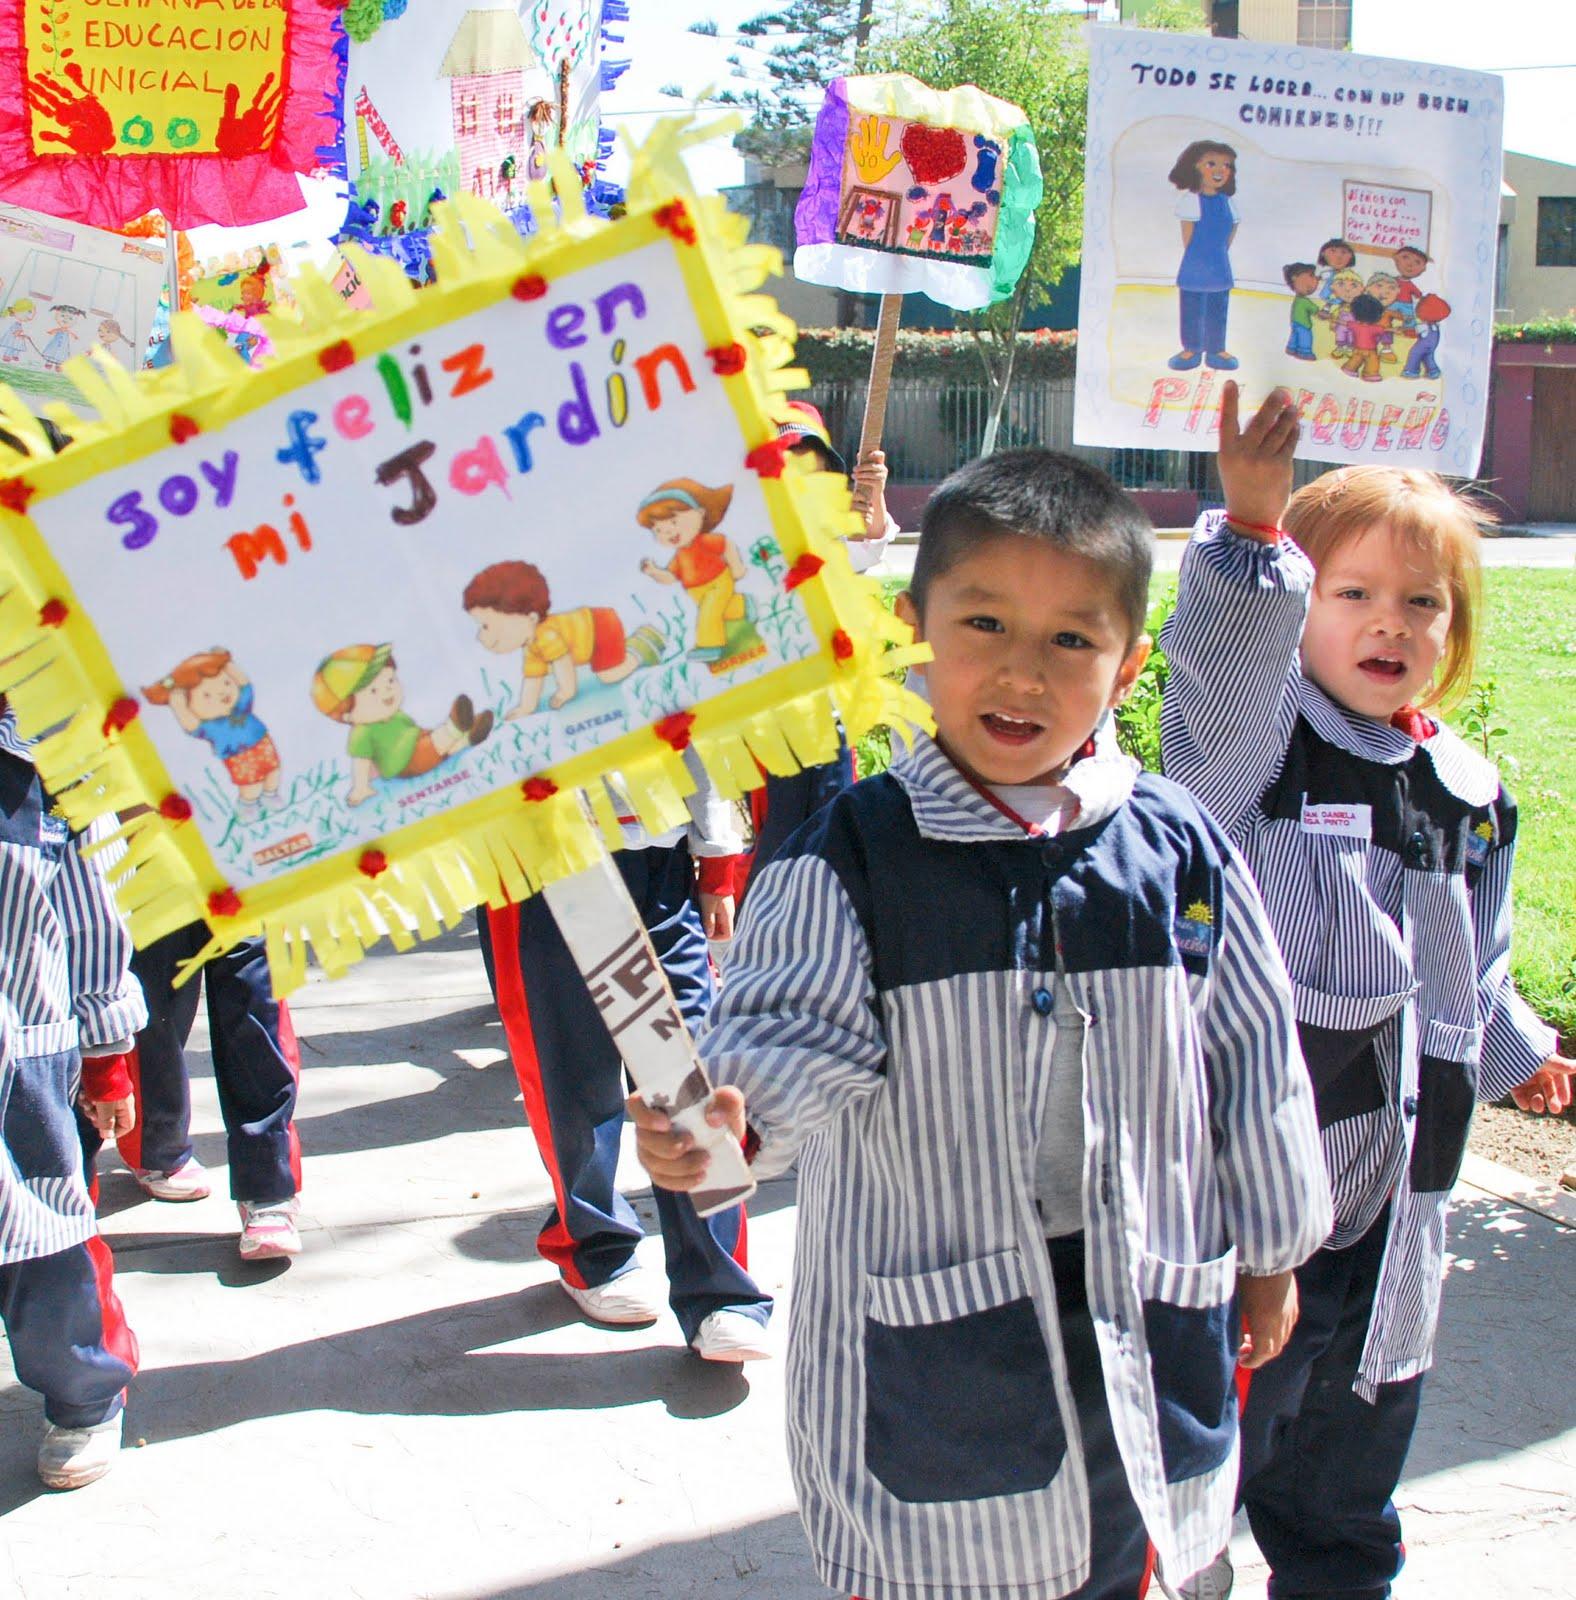 Celebrando el día de la Educación inicial nuestros niños tuvieron